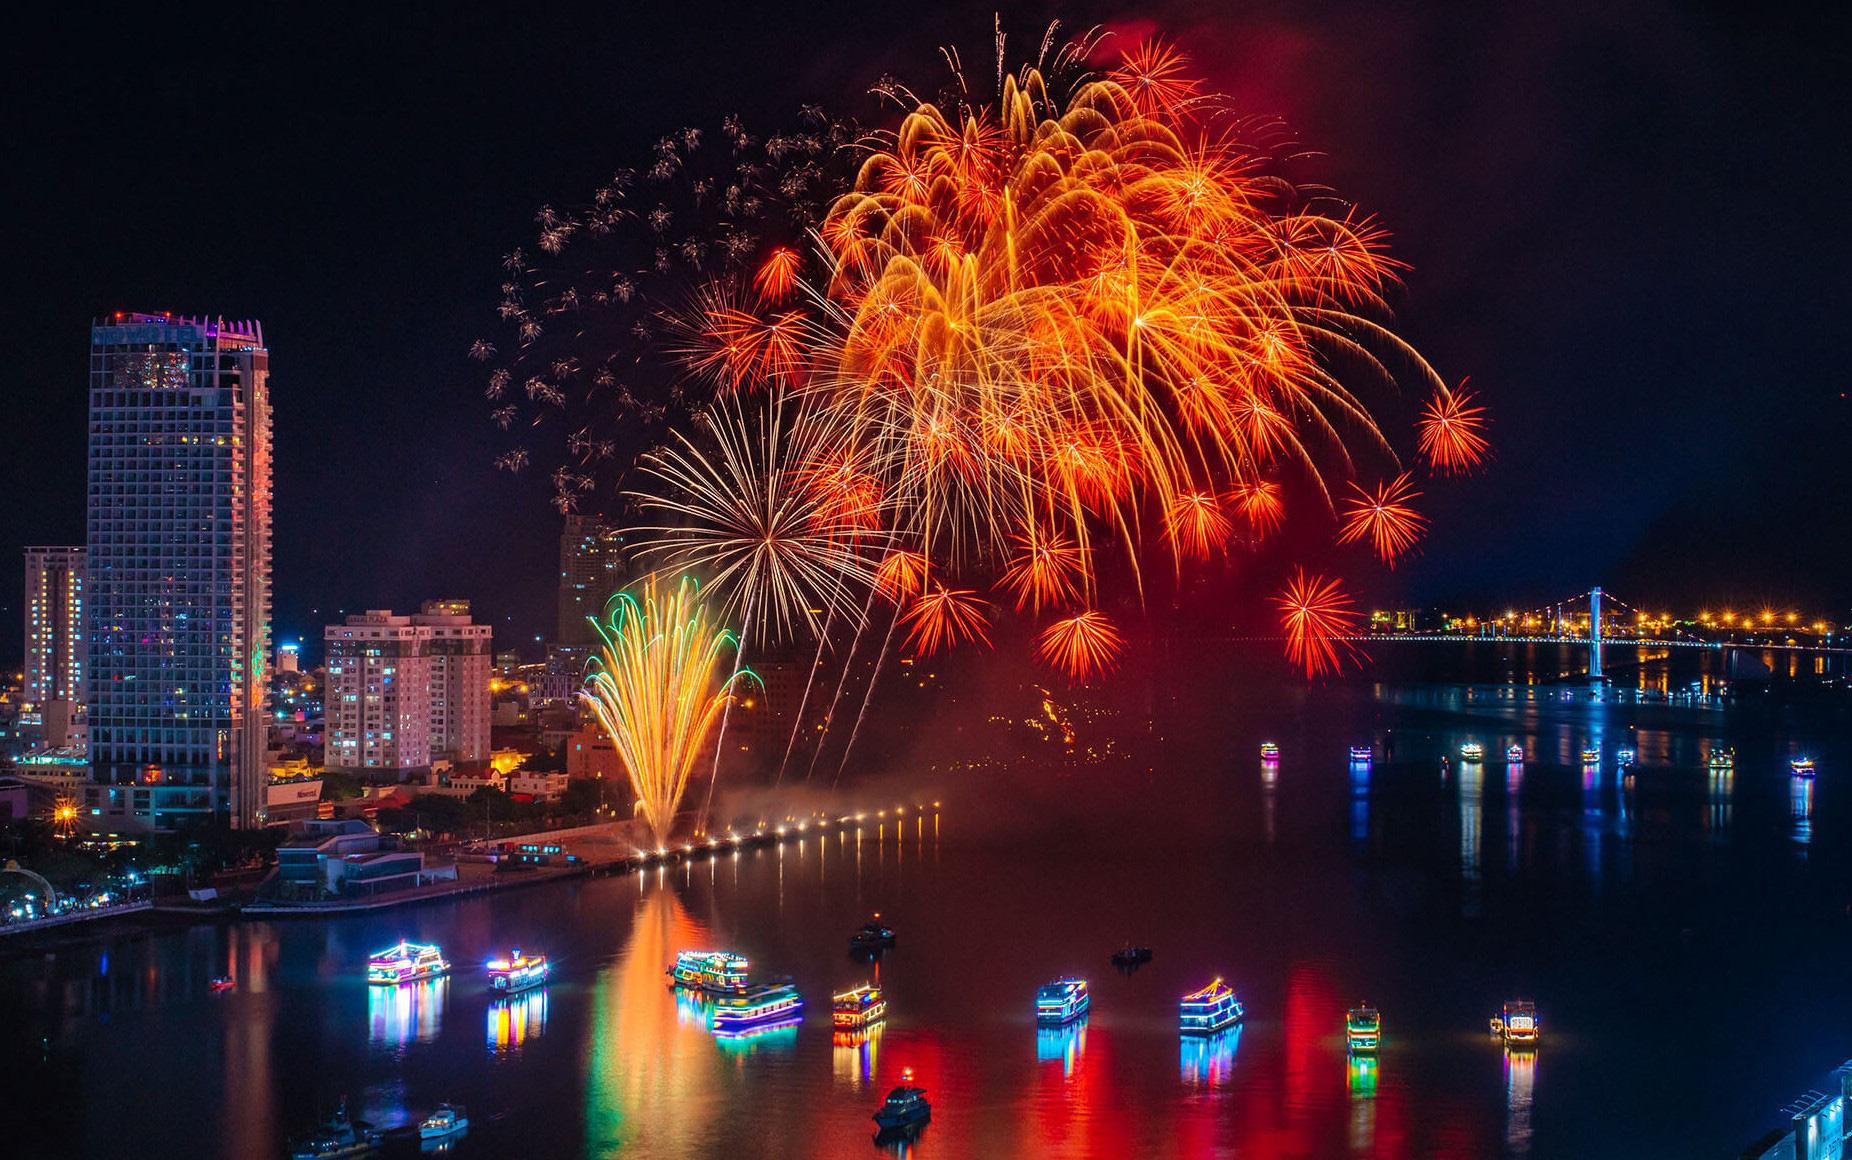 Đà Nẵng dẫn đầu xu hướng tìm kiếm khách sạn trên toàn cầu - Ảnh 2.